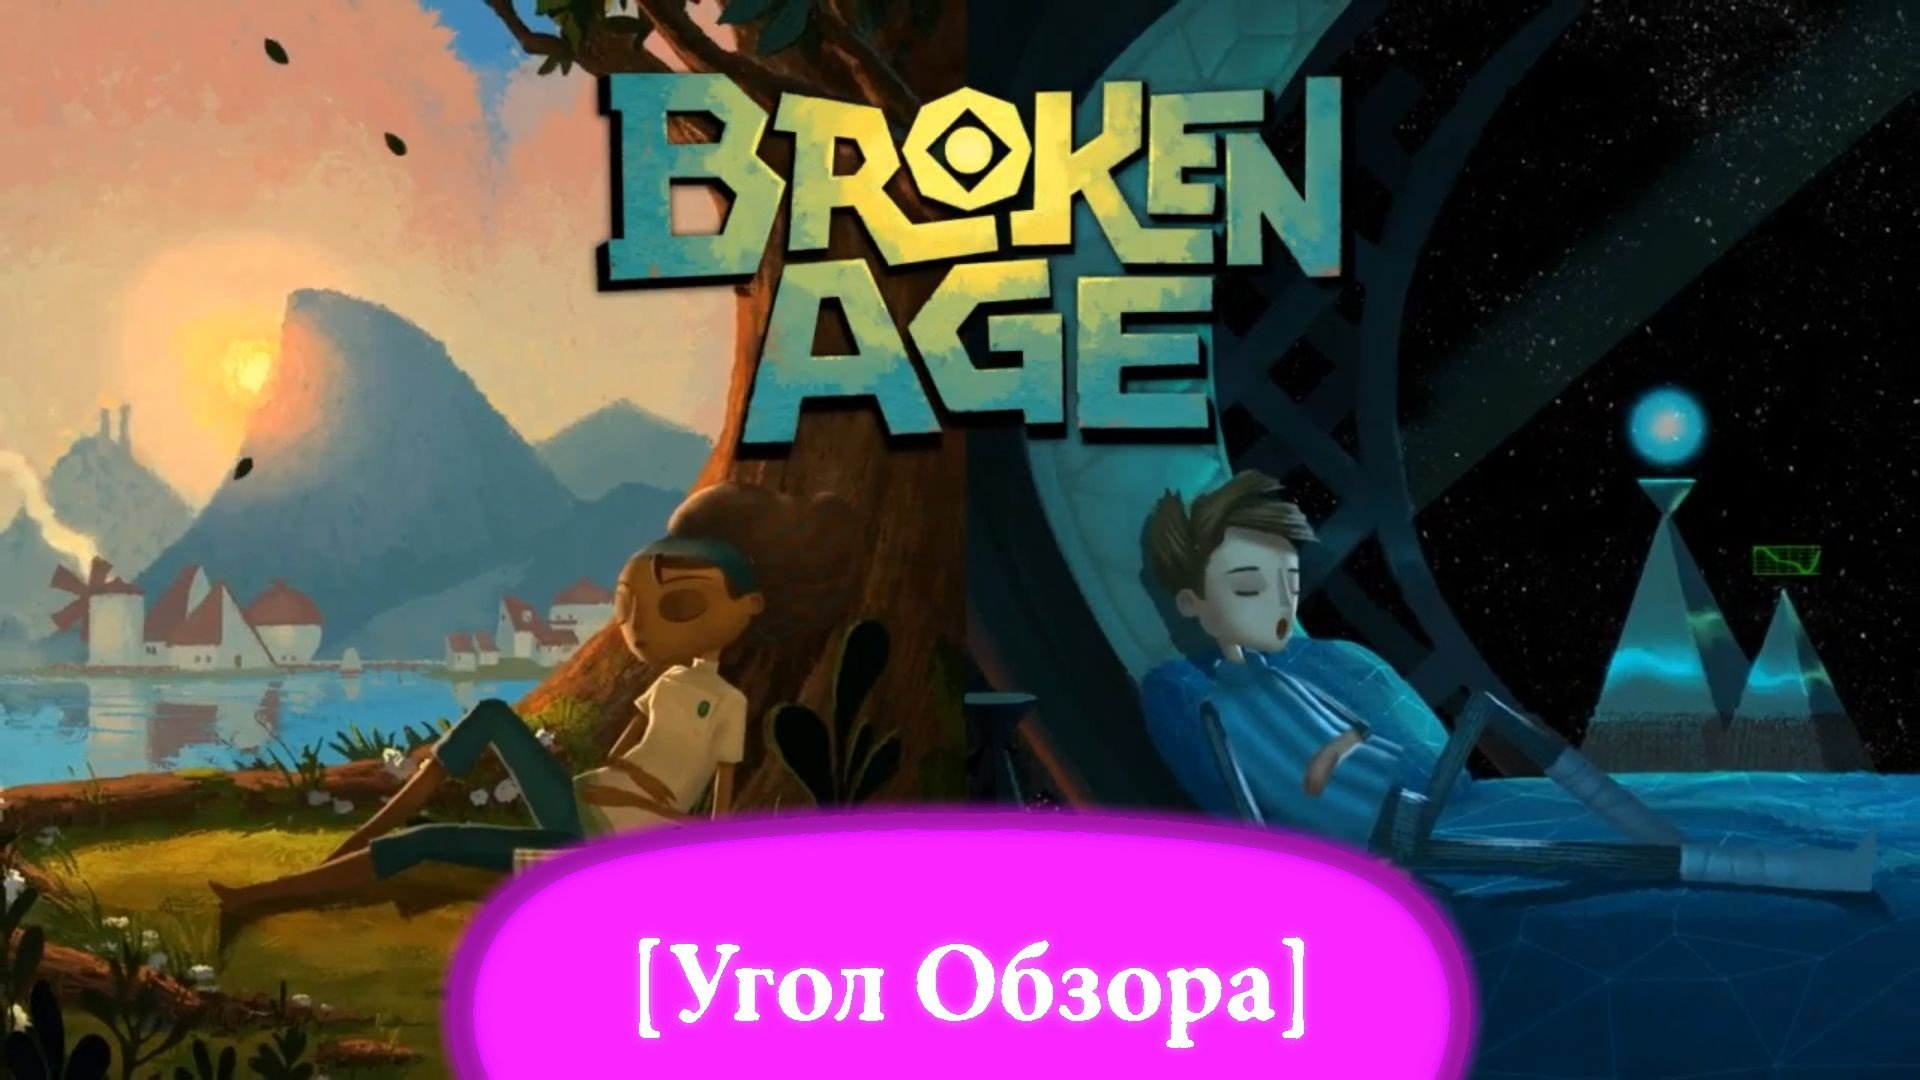 [Угол Обзора] - Broken Age - Изображение 1